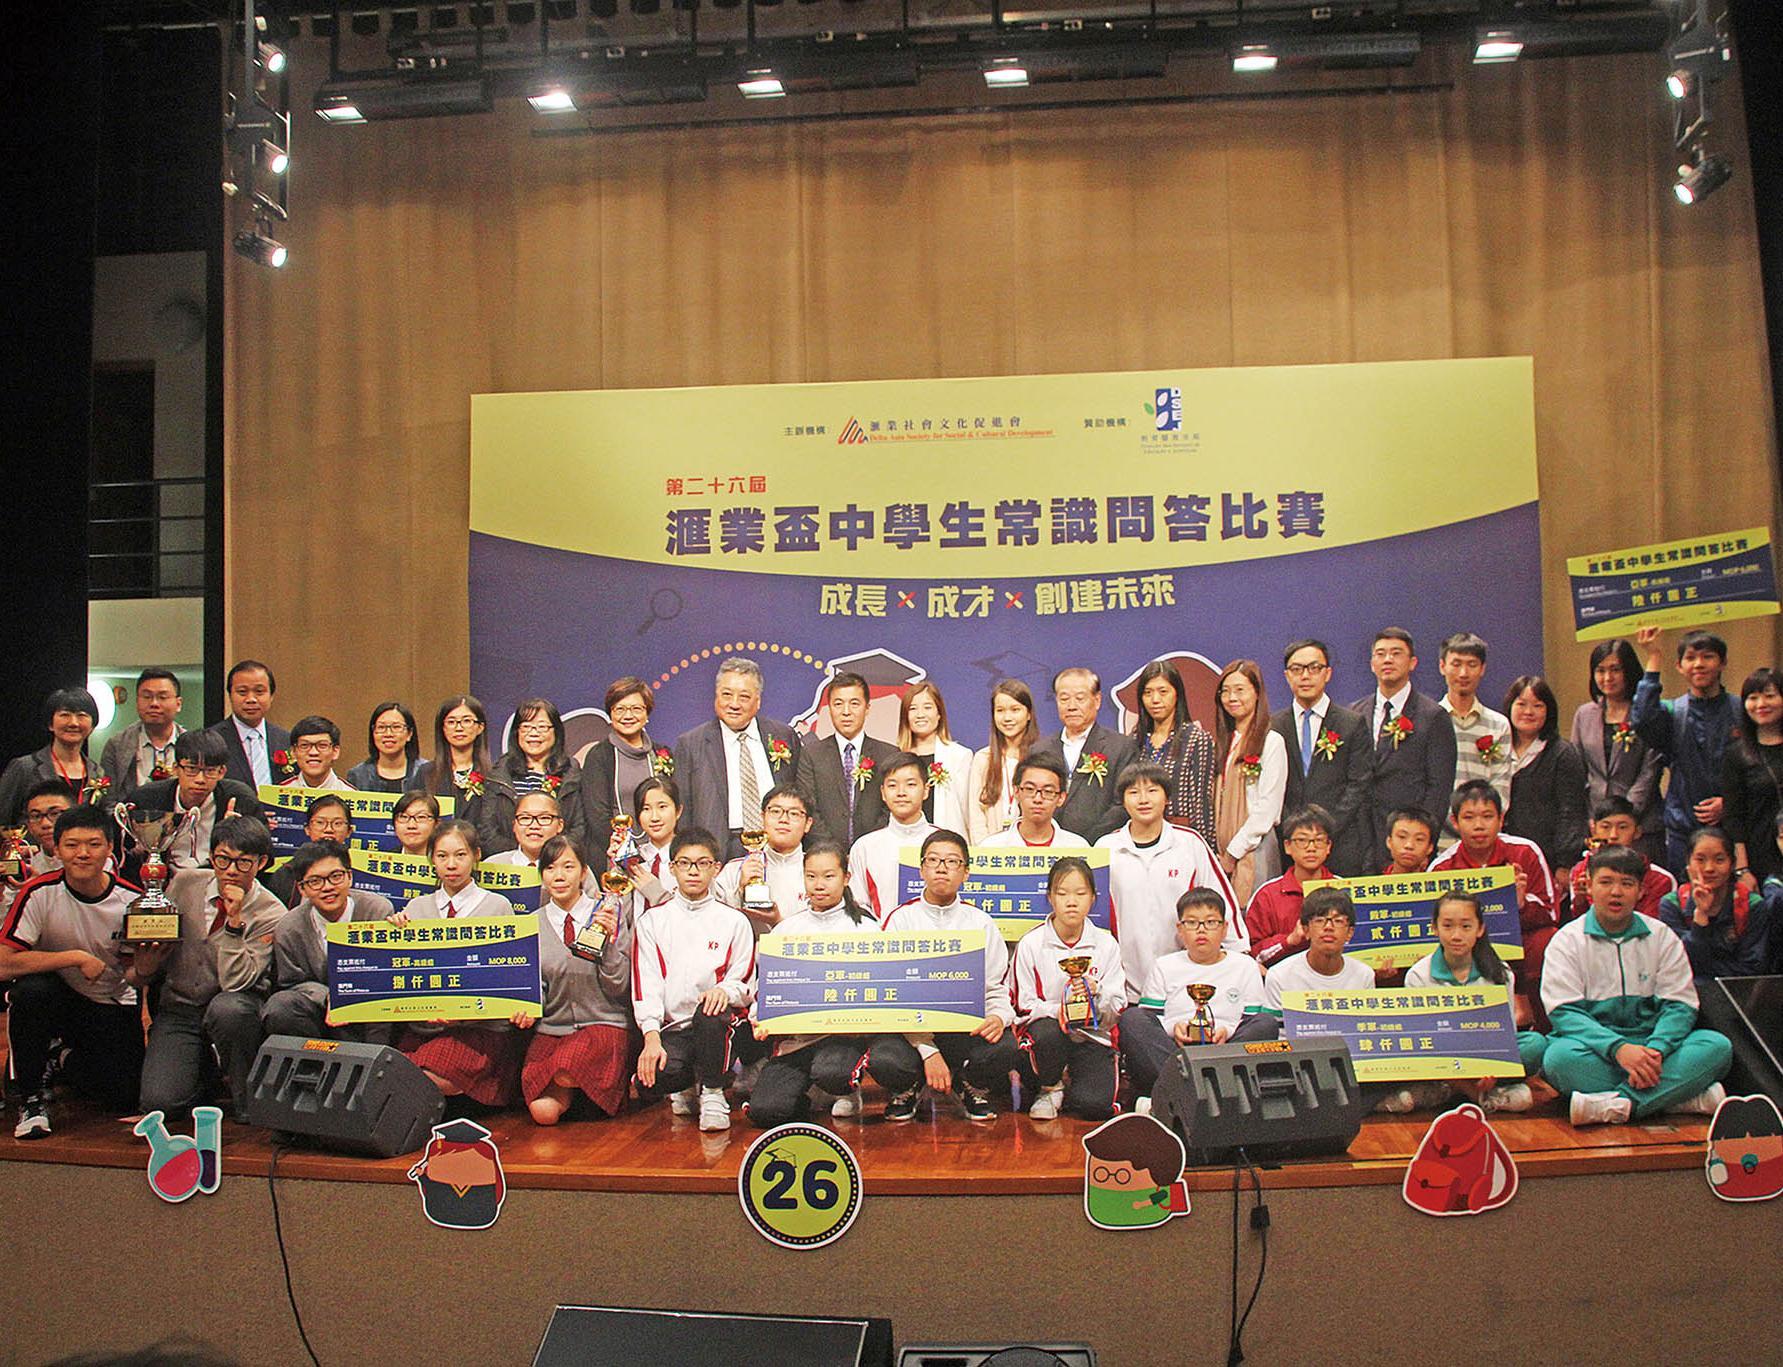 鏡平學校奪「雙冠」成大贏家